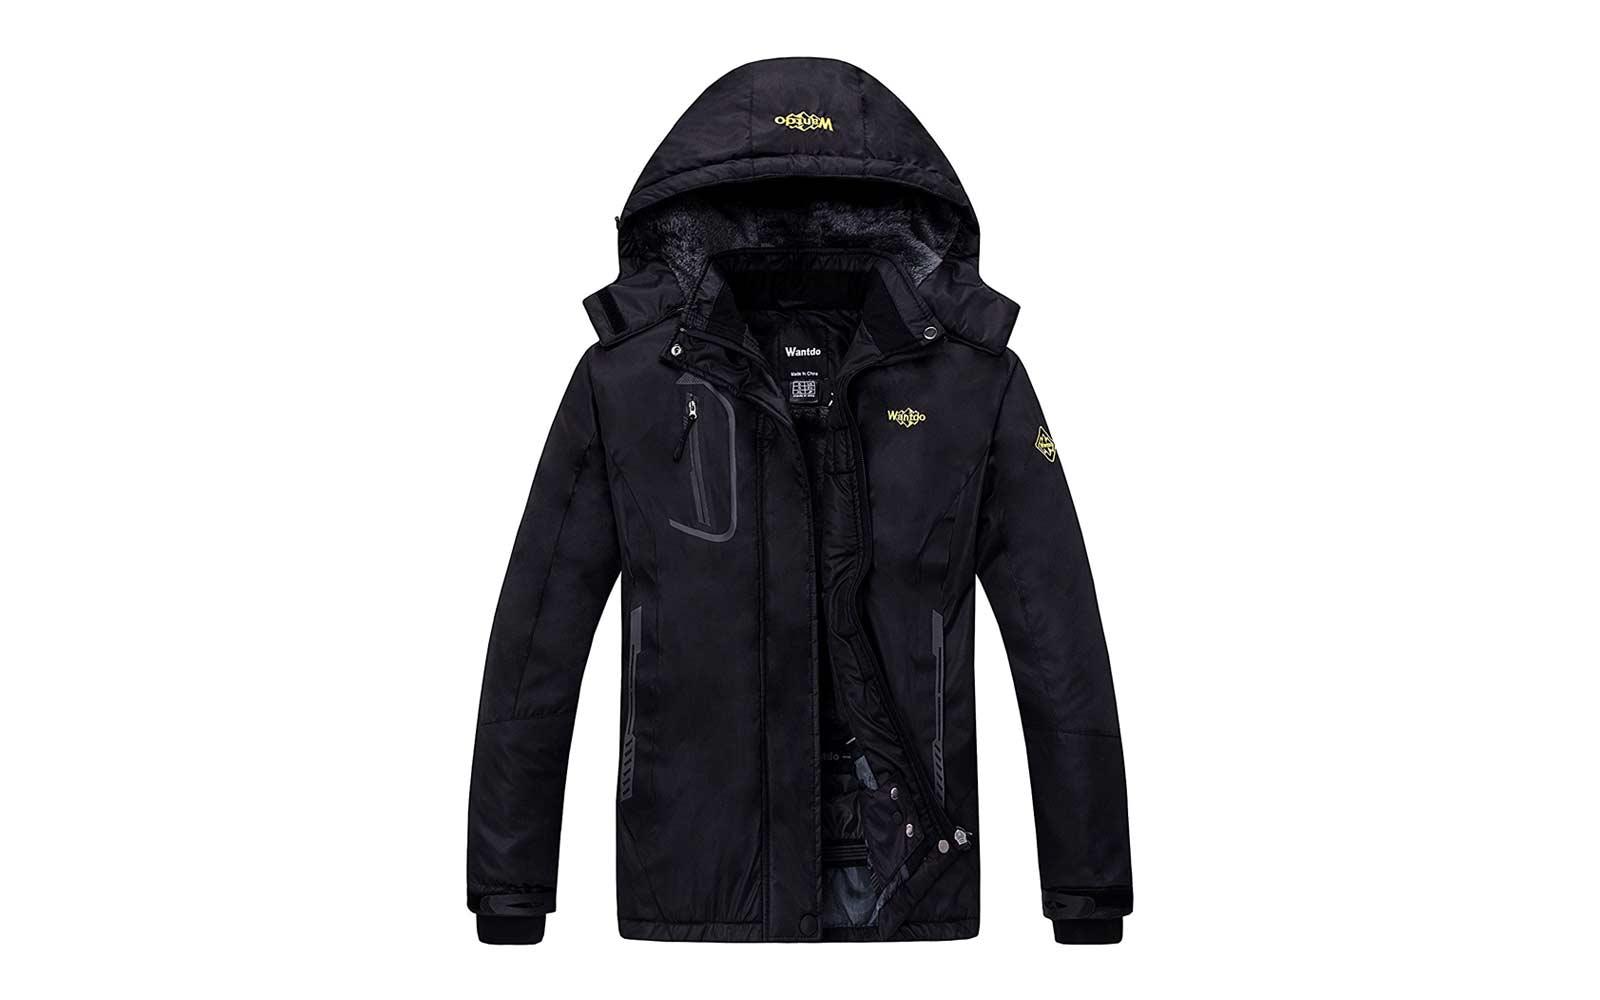 Amazon Wantdo Mountain Waterproof Fleece Ski Jacket Windproof Rain Jacket